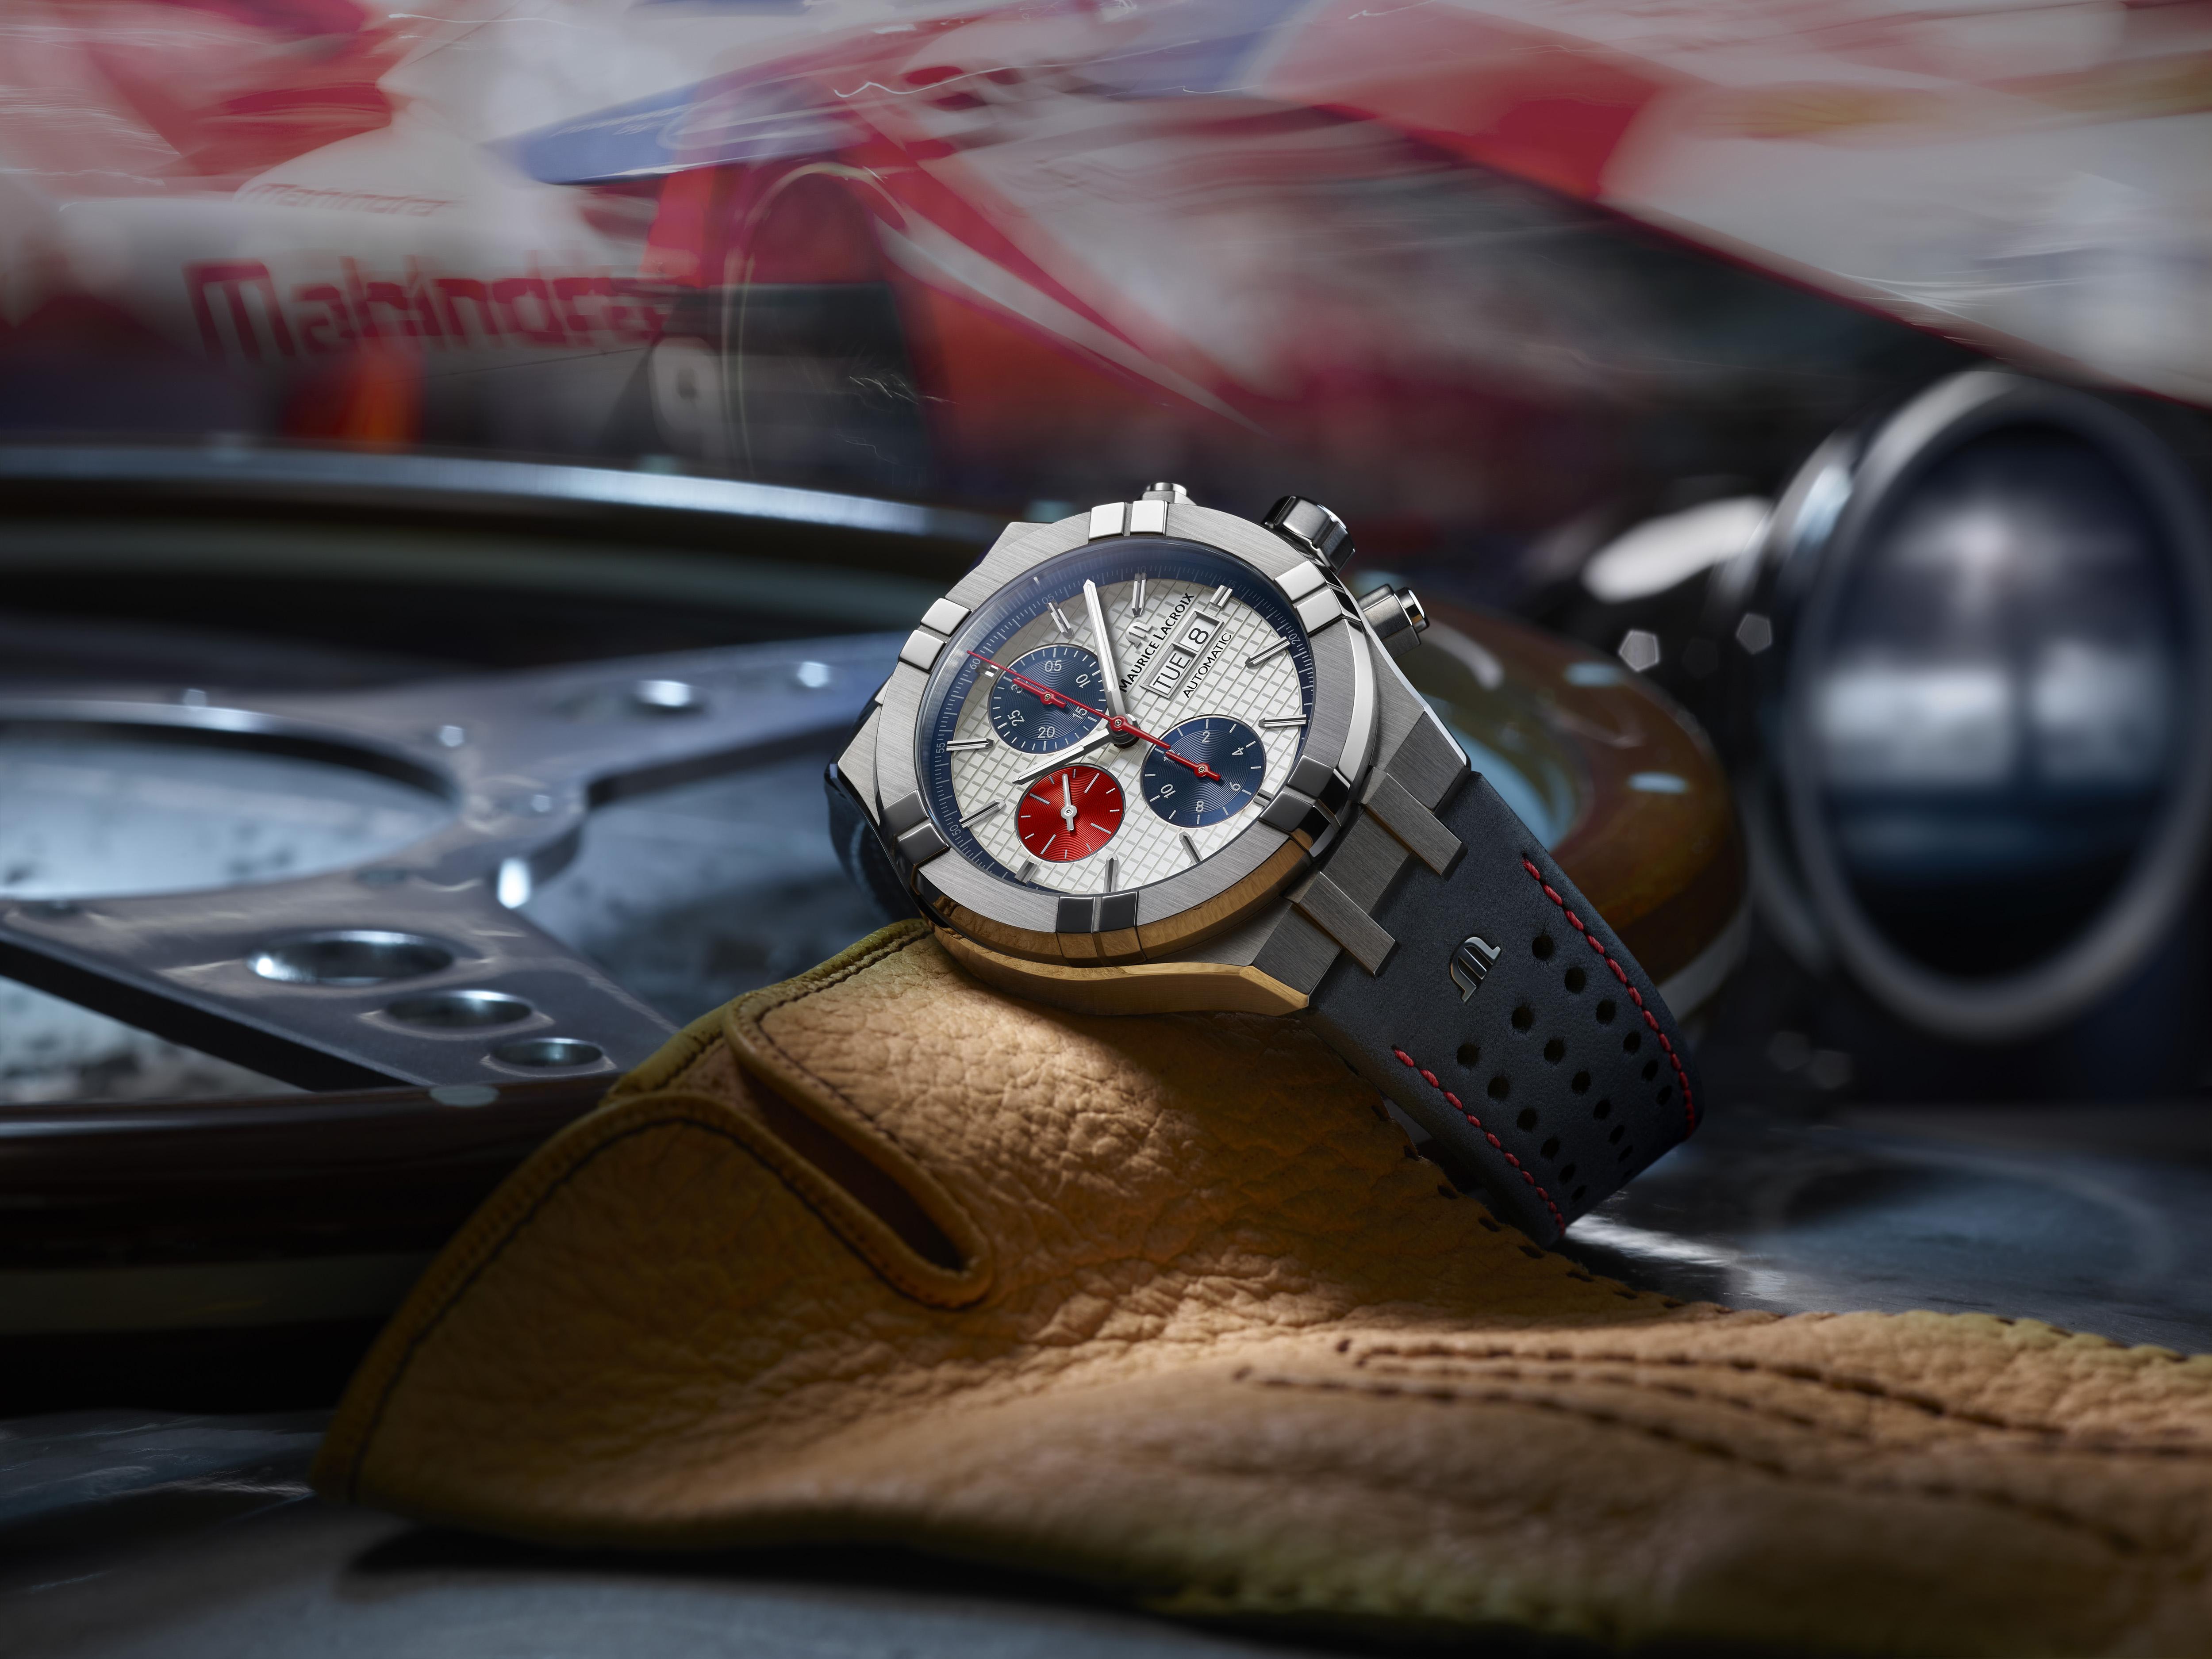 Maurice Lacroix AIKON edición especial Mahindra Racing 2